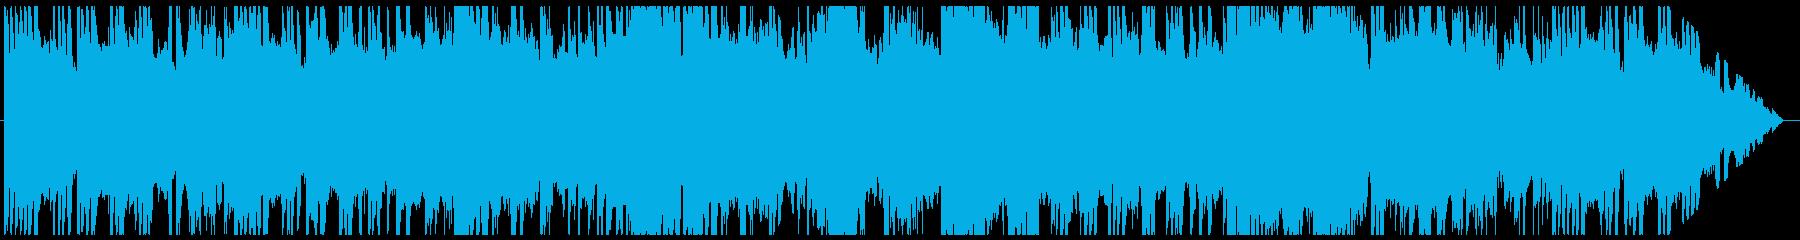 民族調のフィールド曲その2の再生済みの波形